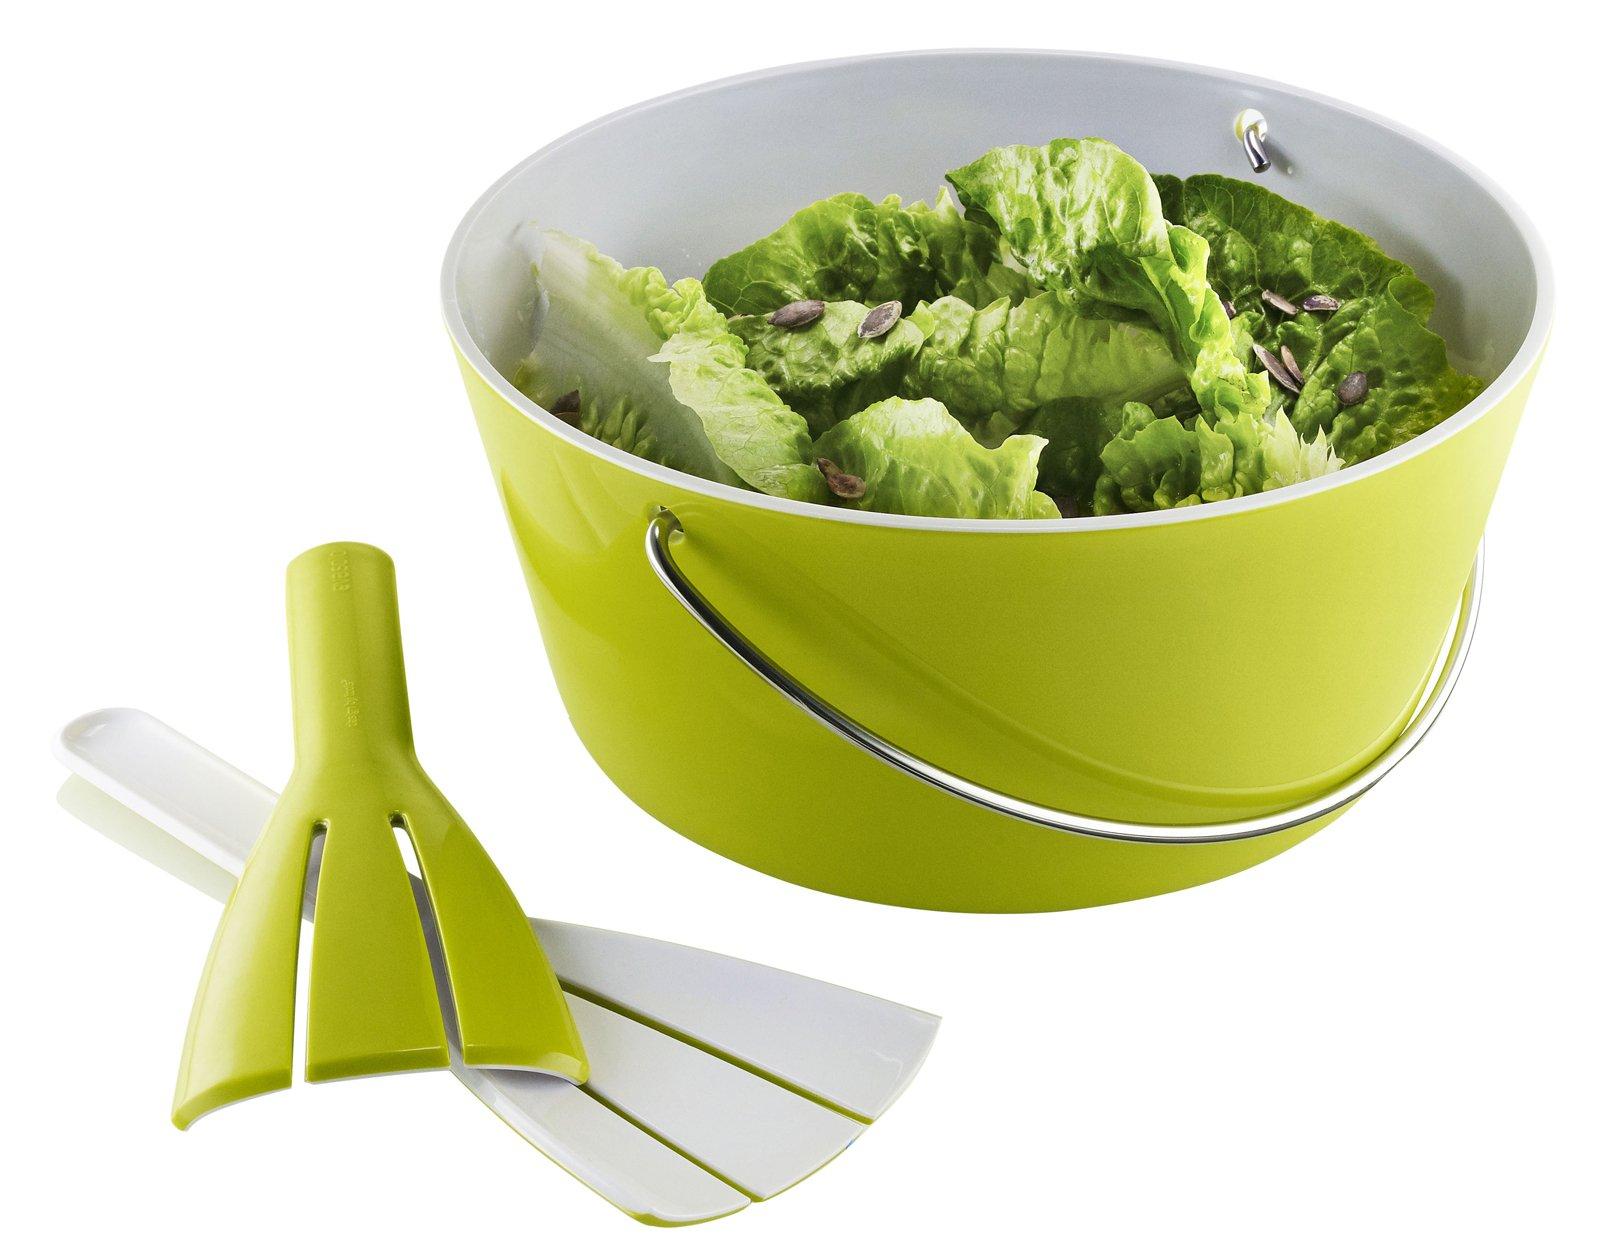 Oggettistica il verde in tavola cose di casa for Oggettistica per la casa moderna